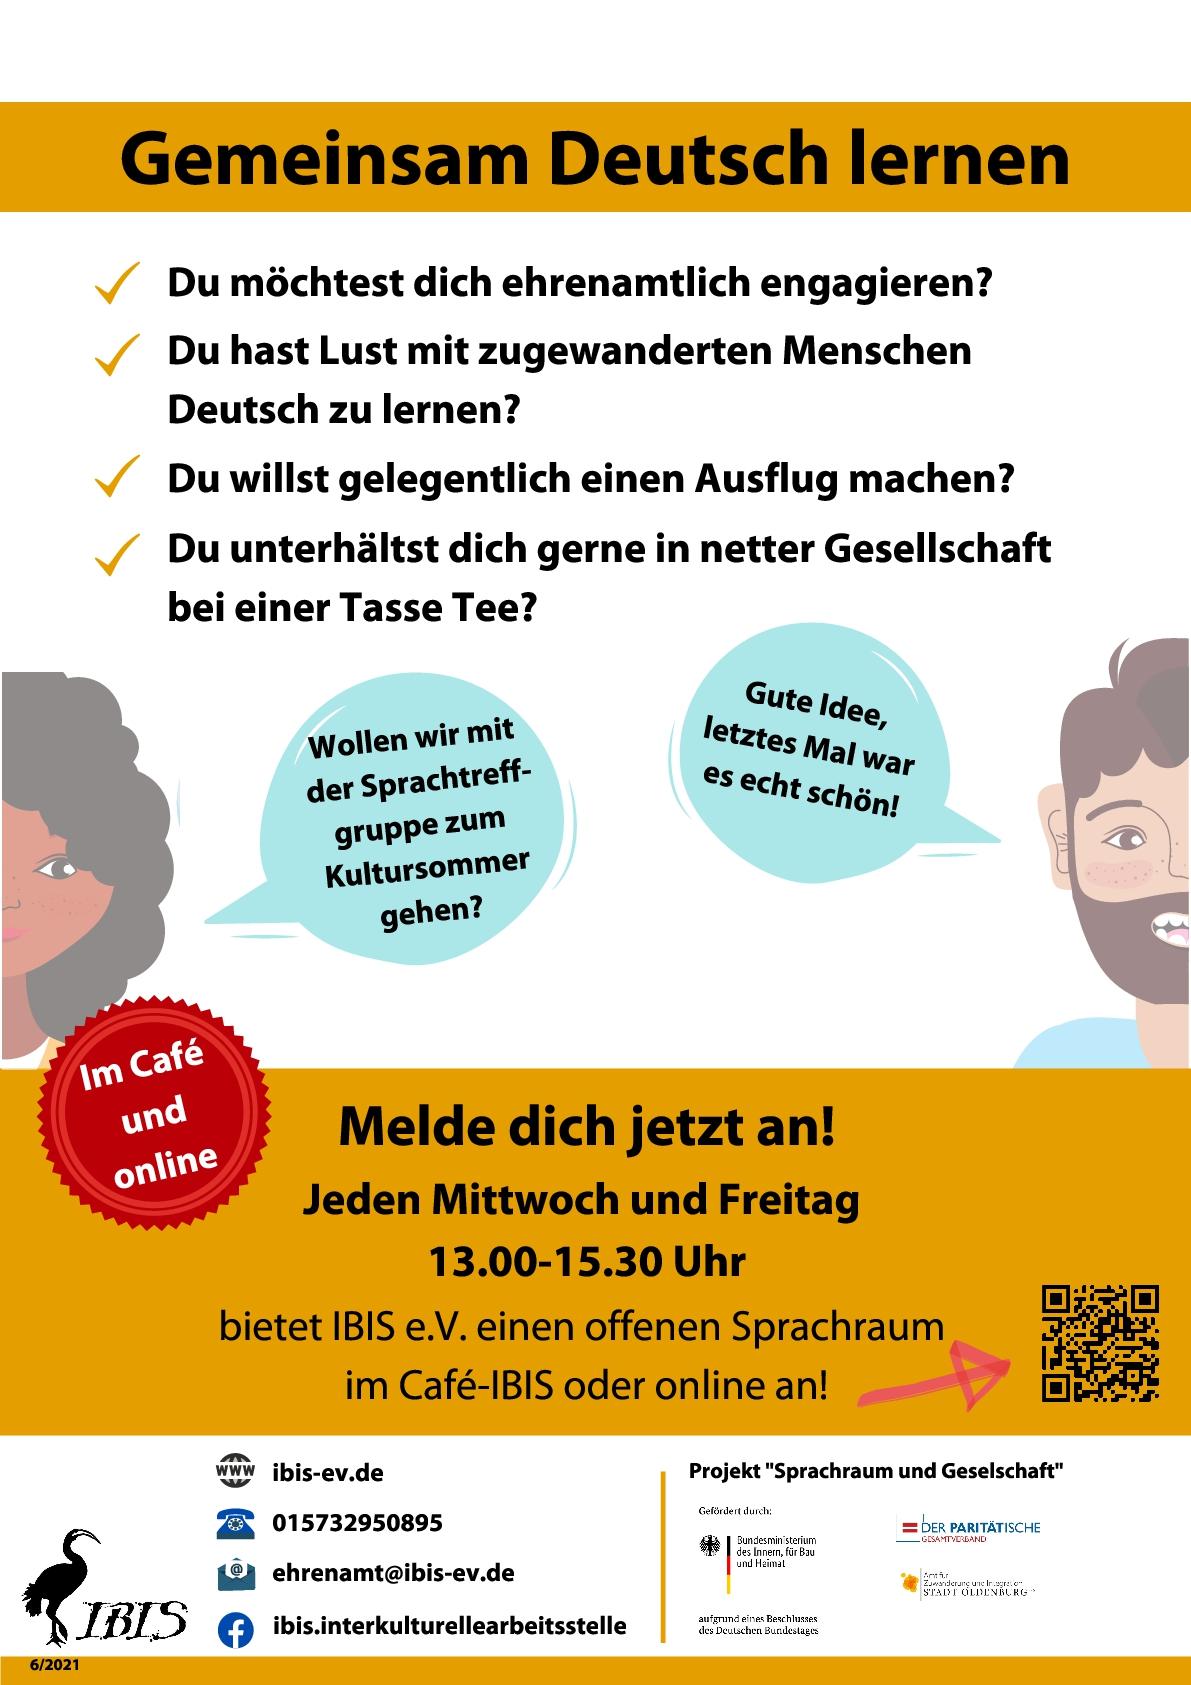 Ehrenamtliche Für Gemeinsames Deutsch Lernen Gesucht